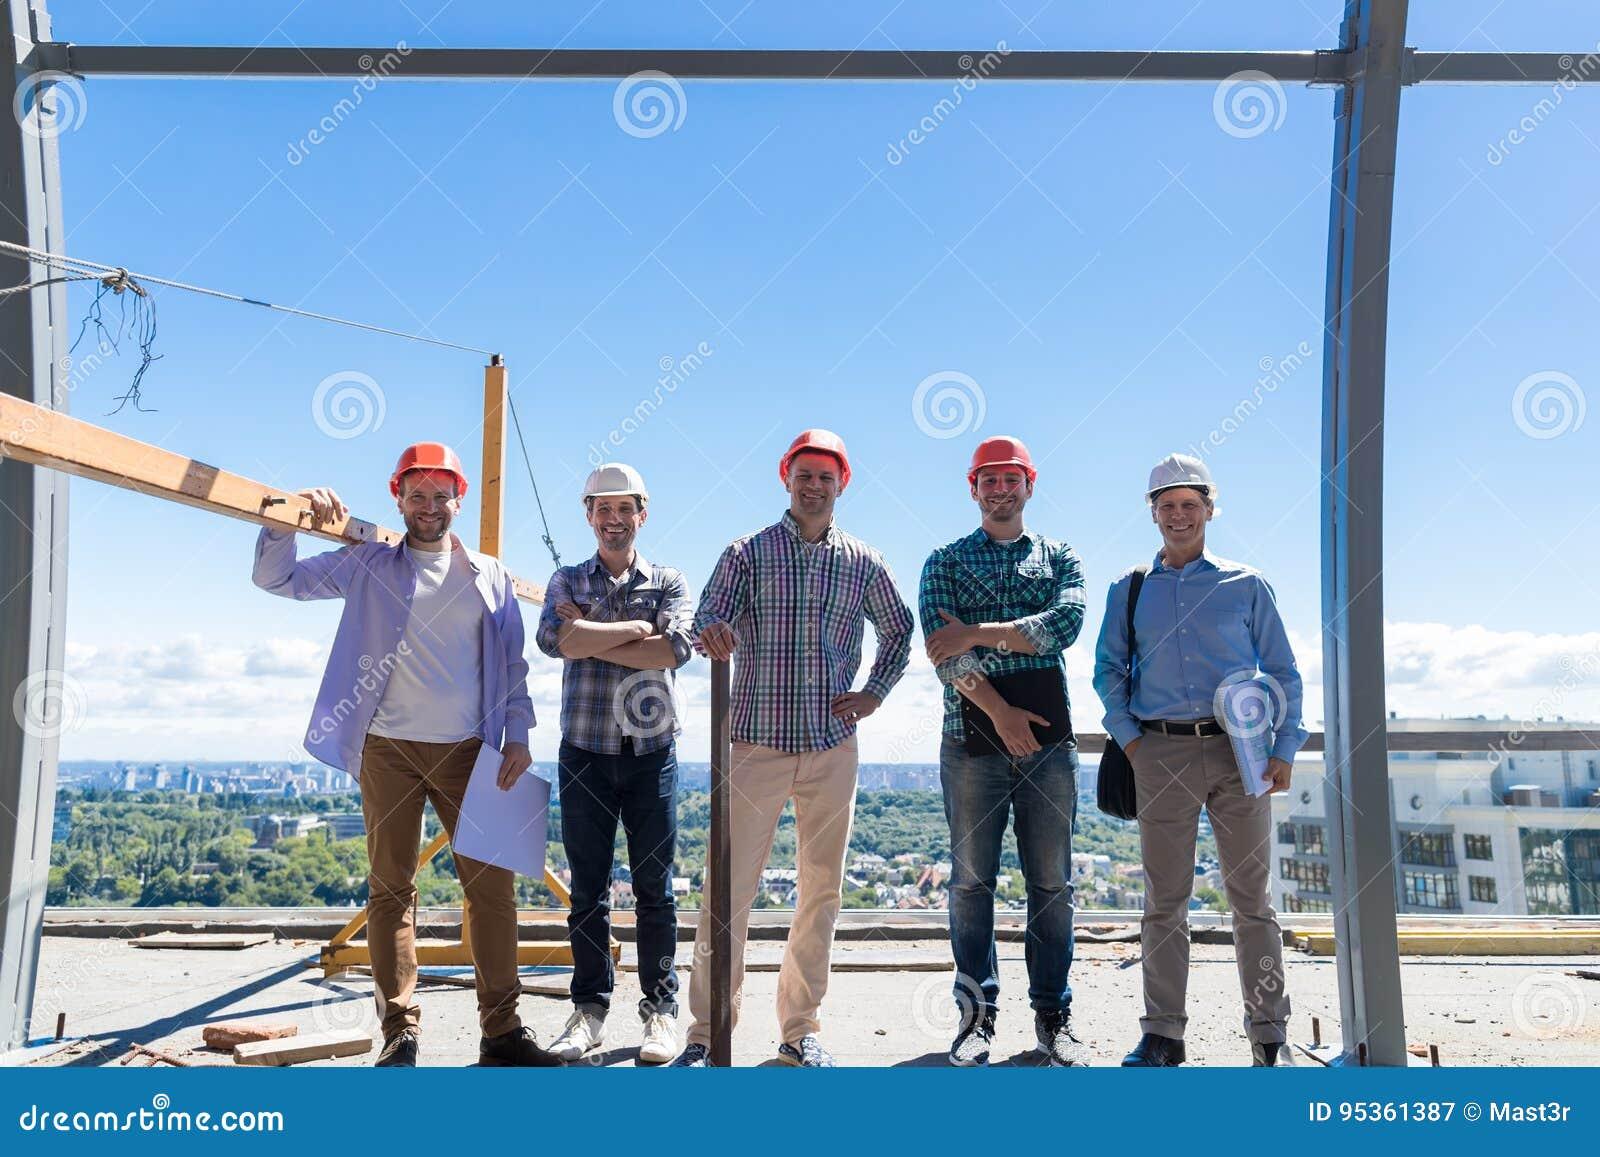 Team Of Builders On Costruction plats, lyckligt le ordförandeGroup In Hardhat utomhus partnerskap och teamworkbegrepp